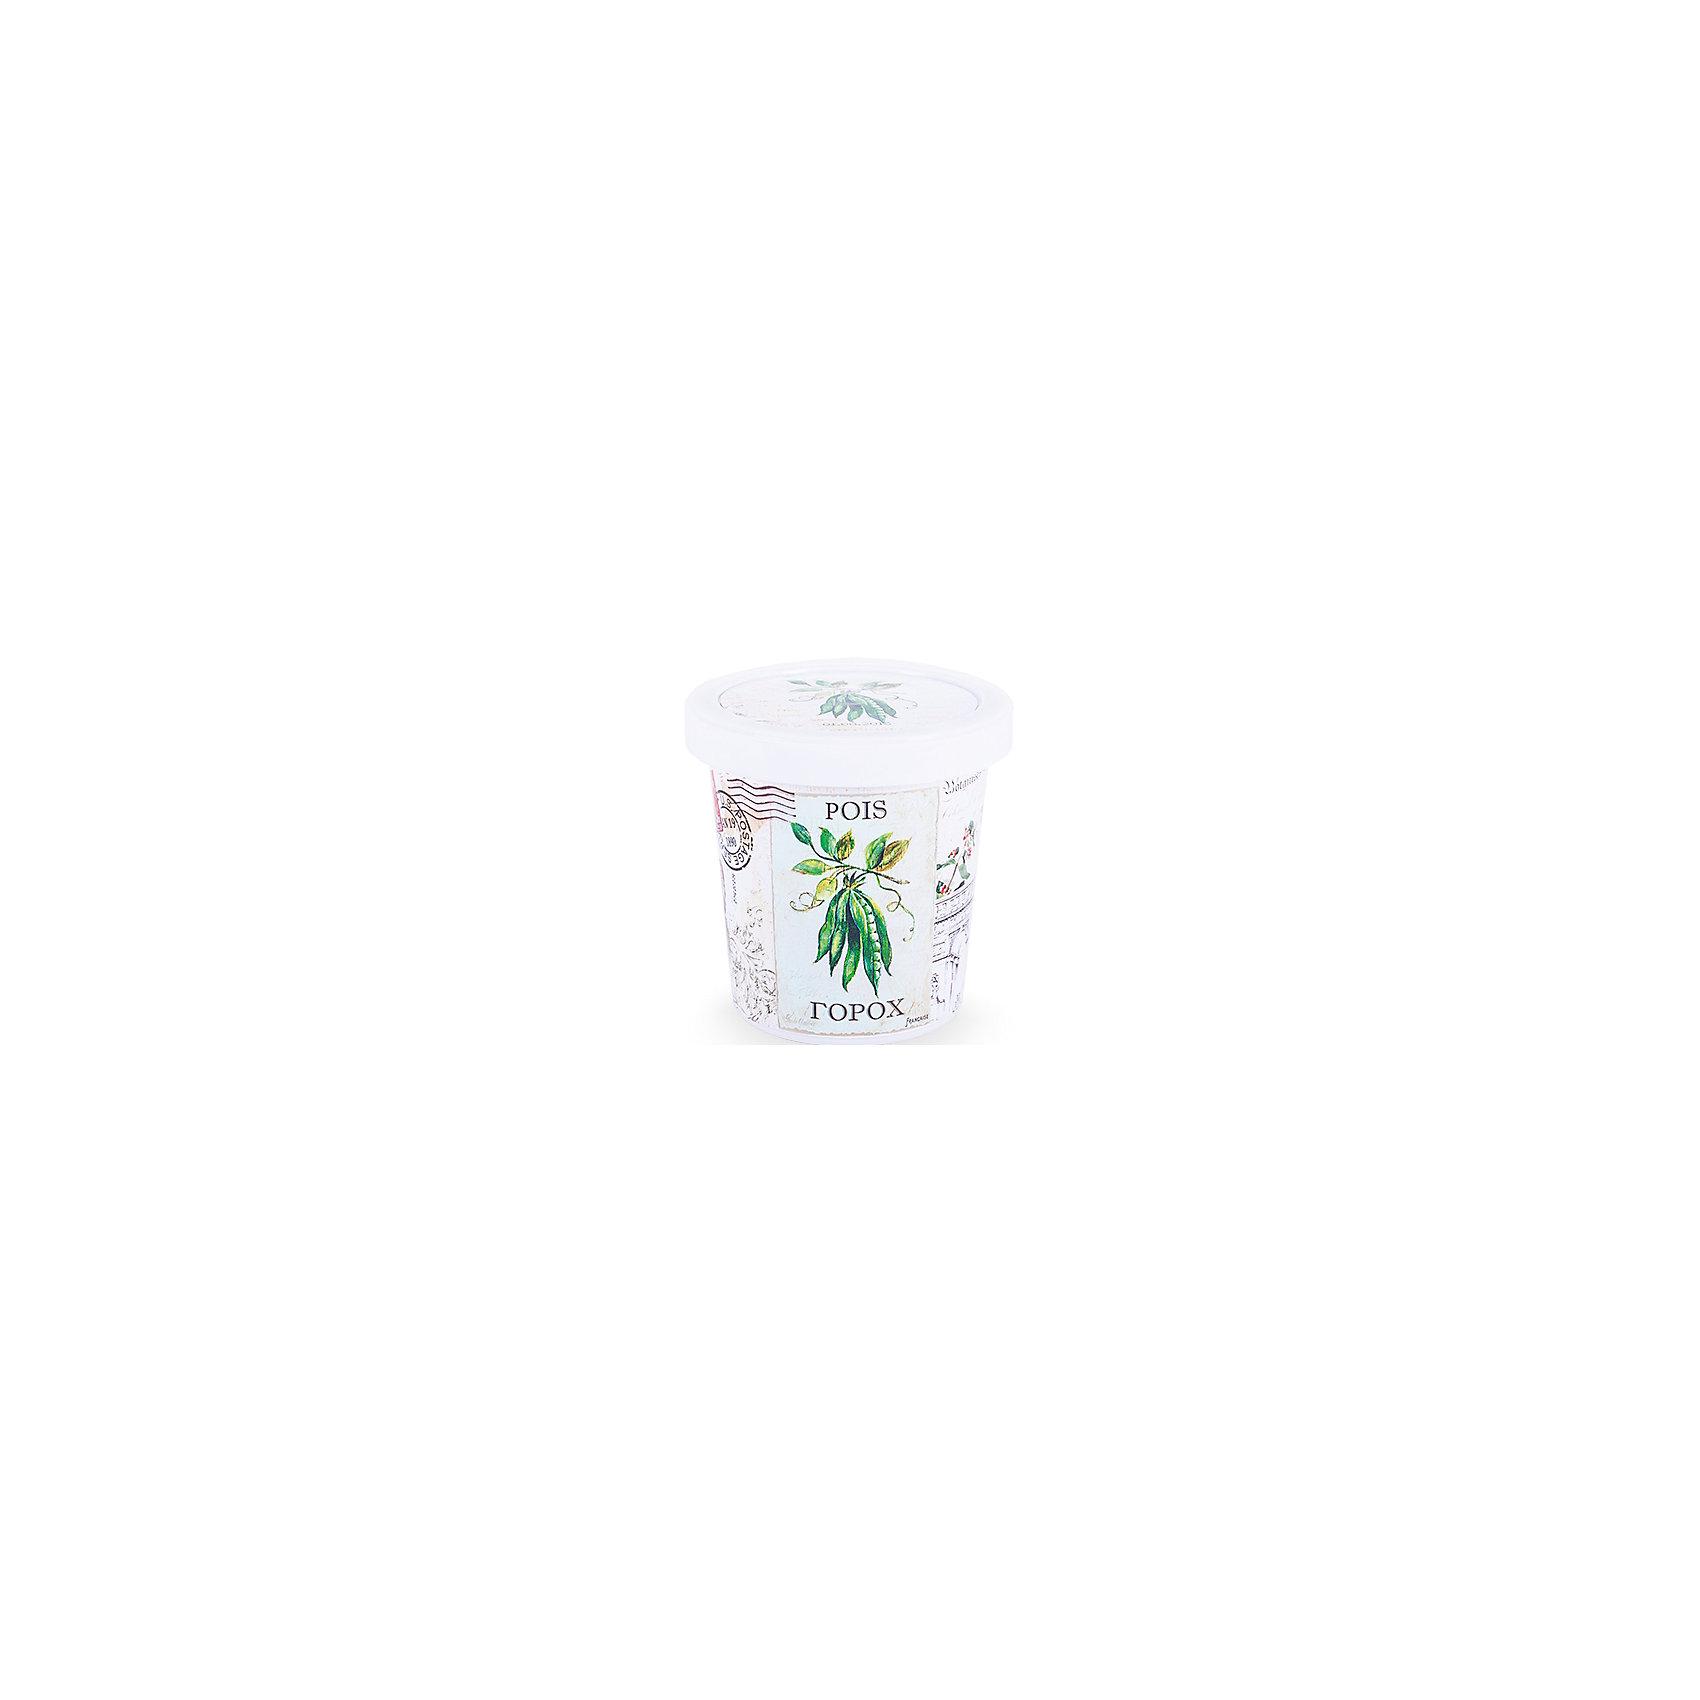 Набор для выращивания Горох Rostok VisaНаборы для выращивания растений<br>Горох, Бумбарам.<br><br>Характеристики:<br><br>• вы сможете выращивать растения у себя дома<br>• экологически чистая продукция<br>• не содержит химикаты<br>• отличная всхожесть<br>• приятный дизайн<br>• в комплекте: горшочек, пакет с семенами, грунт, инструкция<br>• размер упаковки: 7,5х7,5х12 см<br>• вес: 275 грамм<br><br>Если вы хотите продлить дачный сезон у себя дома, то набор для выращивания Горох станет прекрасным подарком для вас. С его помощью вы сможете вырастить настоящий горох в домашних условиях. Продукция экологически чистая и гарантирует высокую всхожесть. Выросшее растение порадует вас вполне съедобными плодами. Такой набор - прекрасный повод для продолжения дачного сезона!<br><br>Набор Горох, Бумбарам можно купить в нашем интернет-магазине.<br><br>Ширина мм: 120<br>Глубина мм: 75<br>Высота мм: 75<br>Вес г: 267<br>Возраст от месяцев: 168<br>Возраст до месяцев: 240<br>Пол: Унисекс<br>Возраст: Детский<br>SKU: 5053990